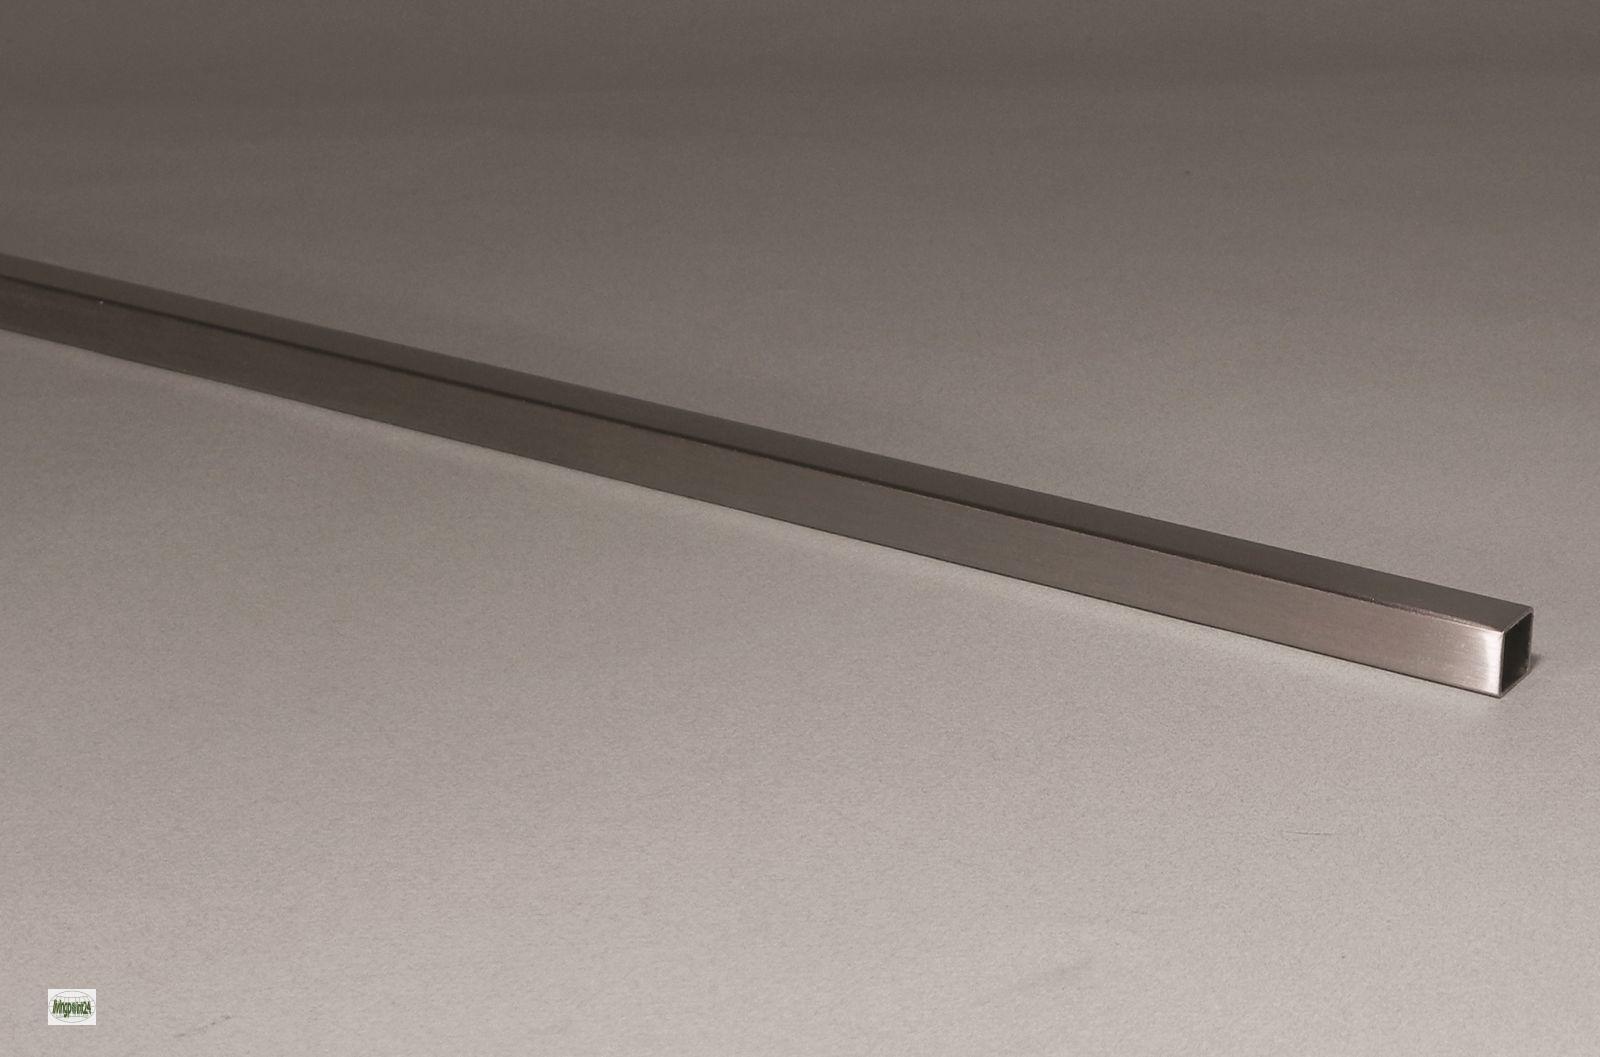 relingstange 120cm edelstahl geb rstet relingsystem quad k chenreling 42104 a ebay. Black Bedroom Furniture Sets. Home Design Ideas